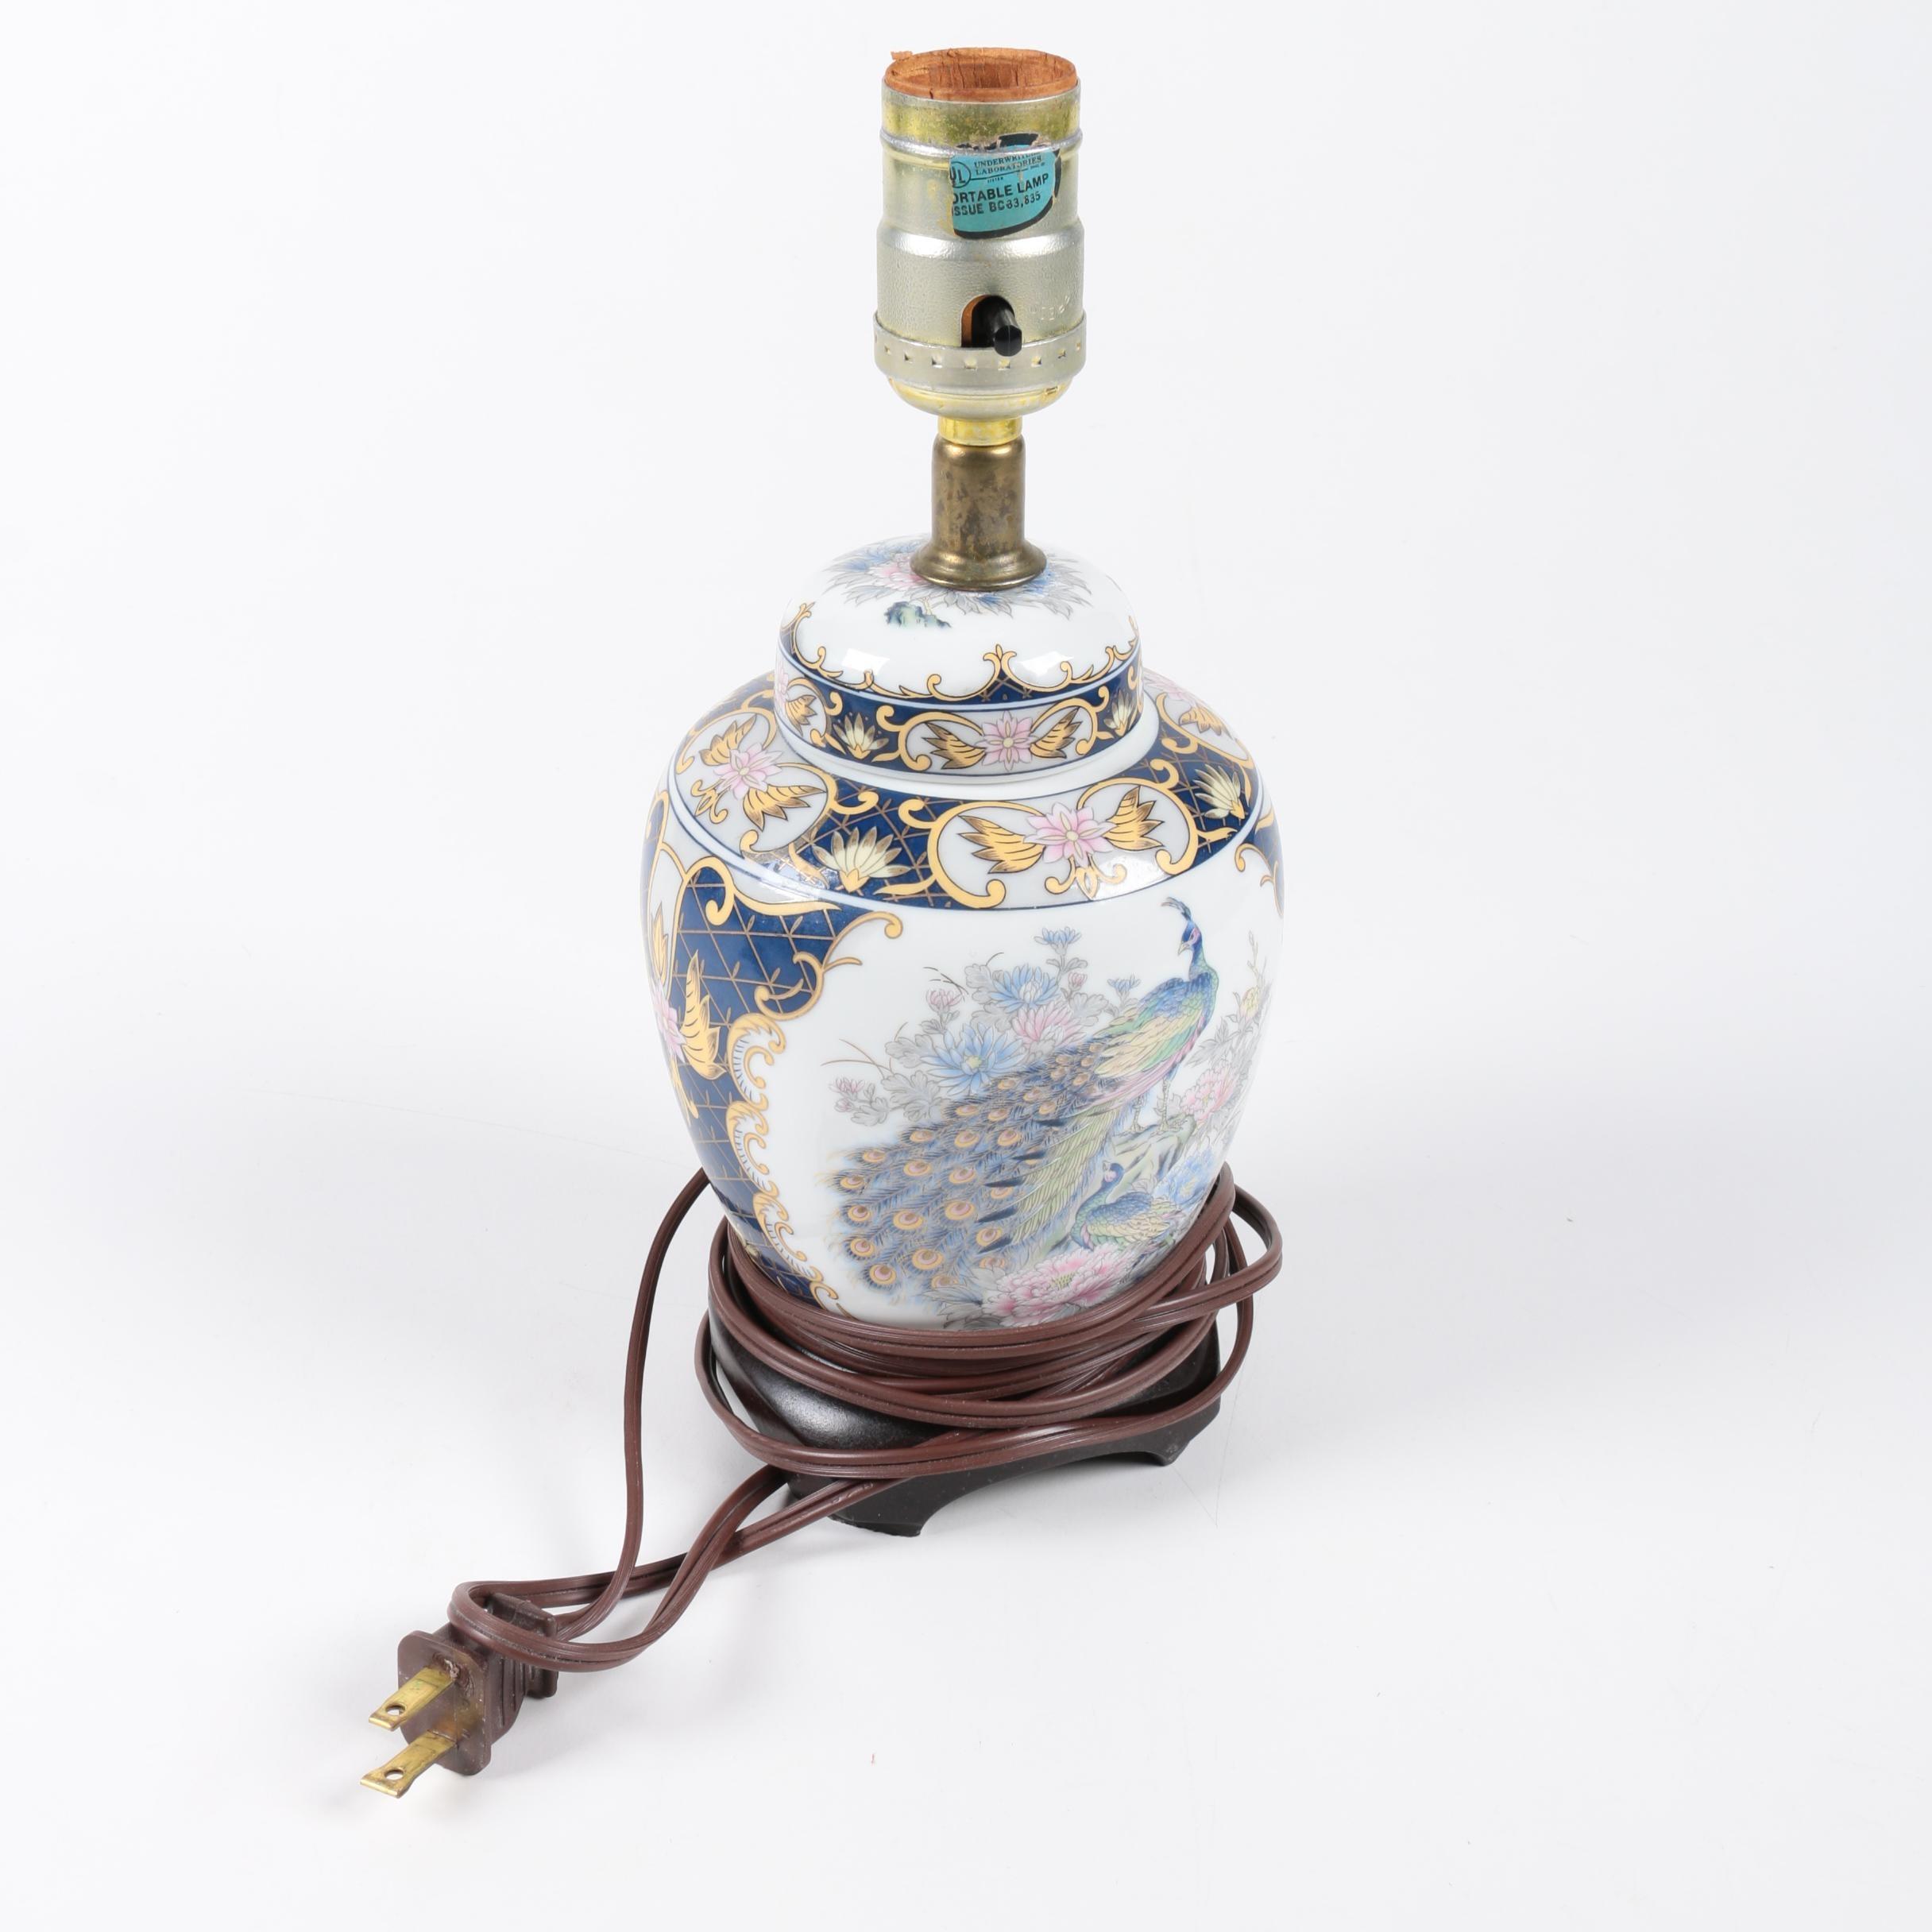 Porcelain Asian Inspired Ginger Jar Table Lamp